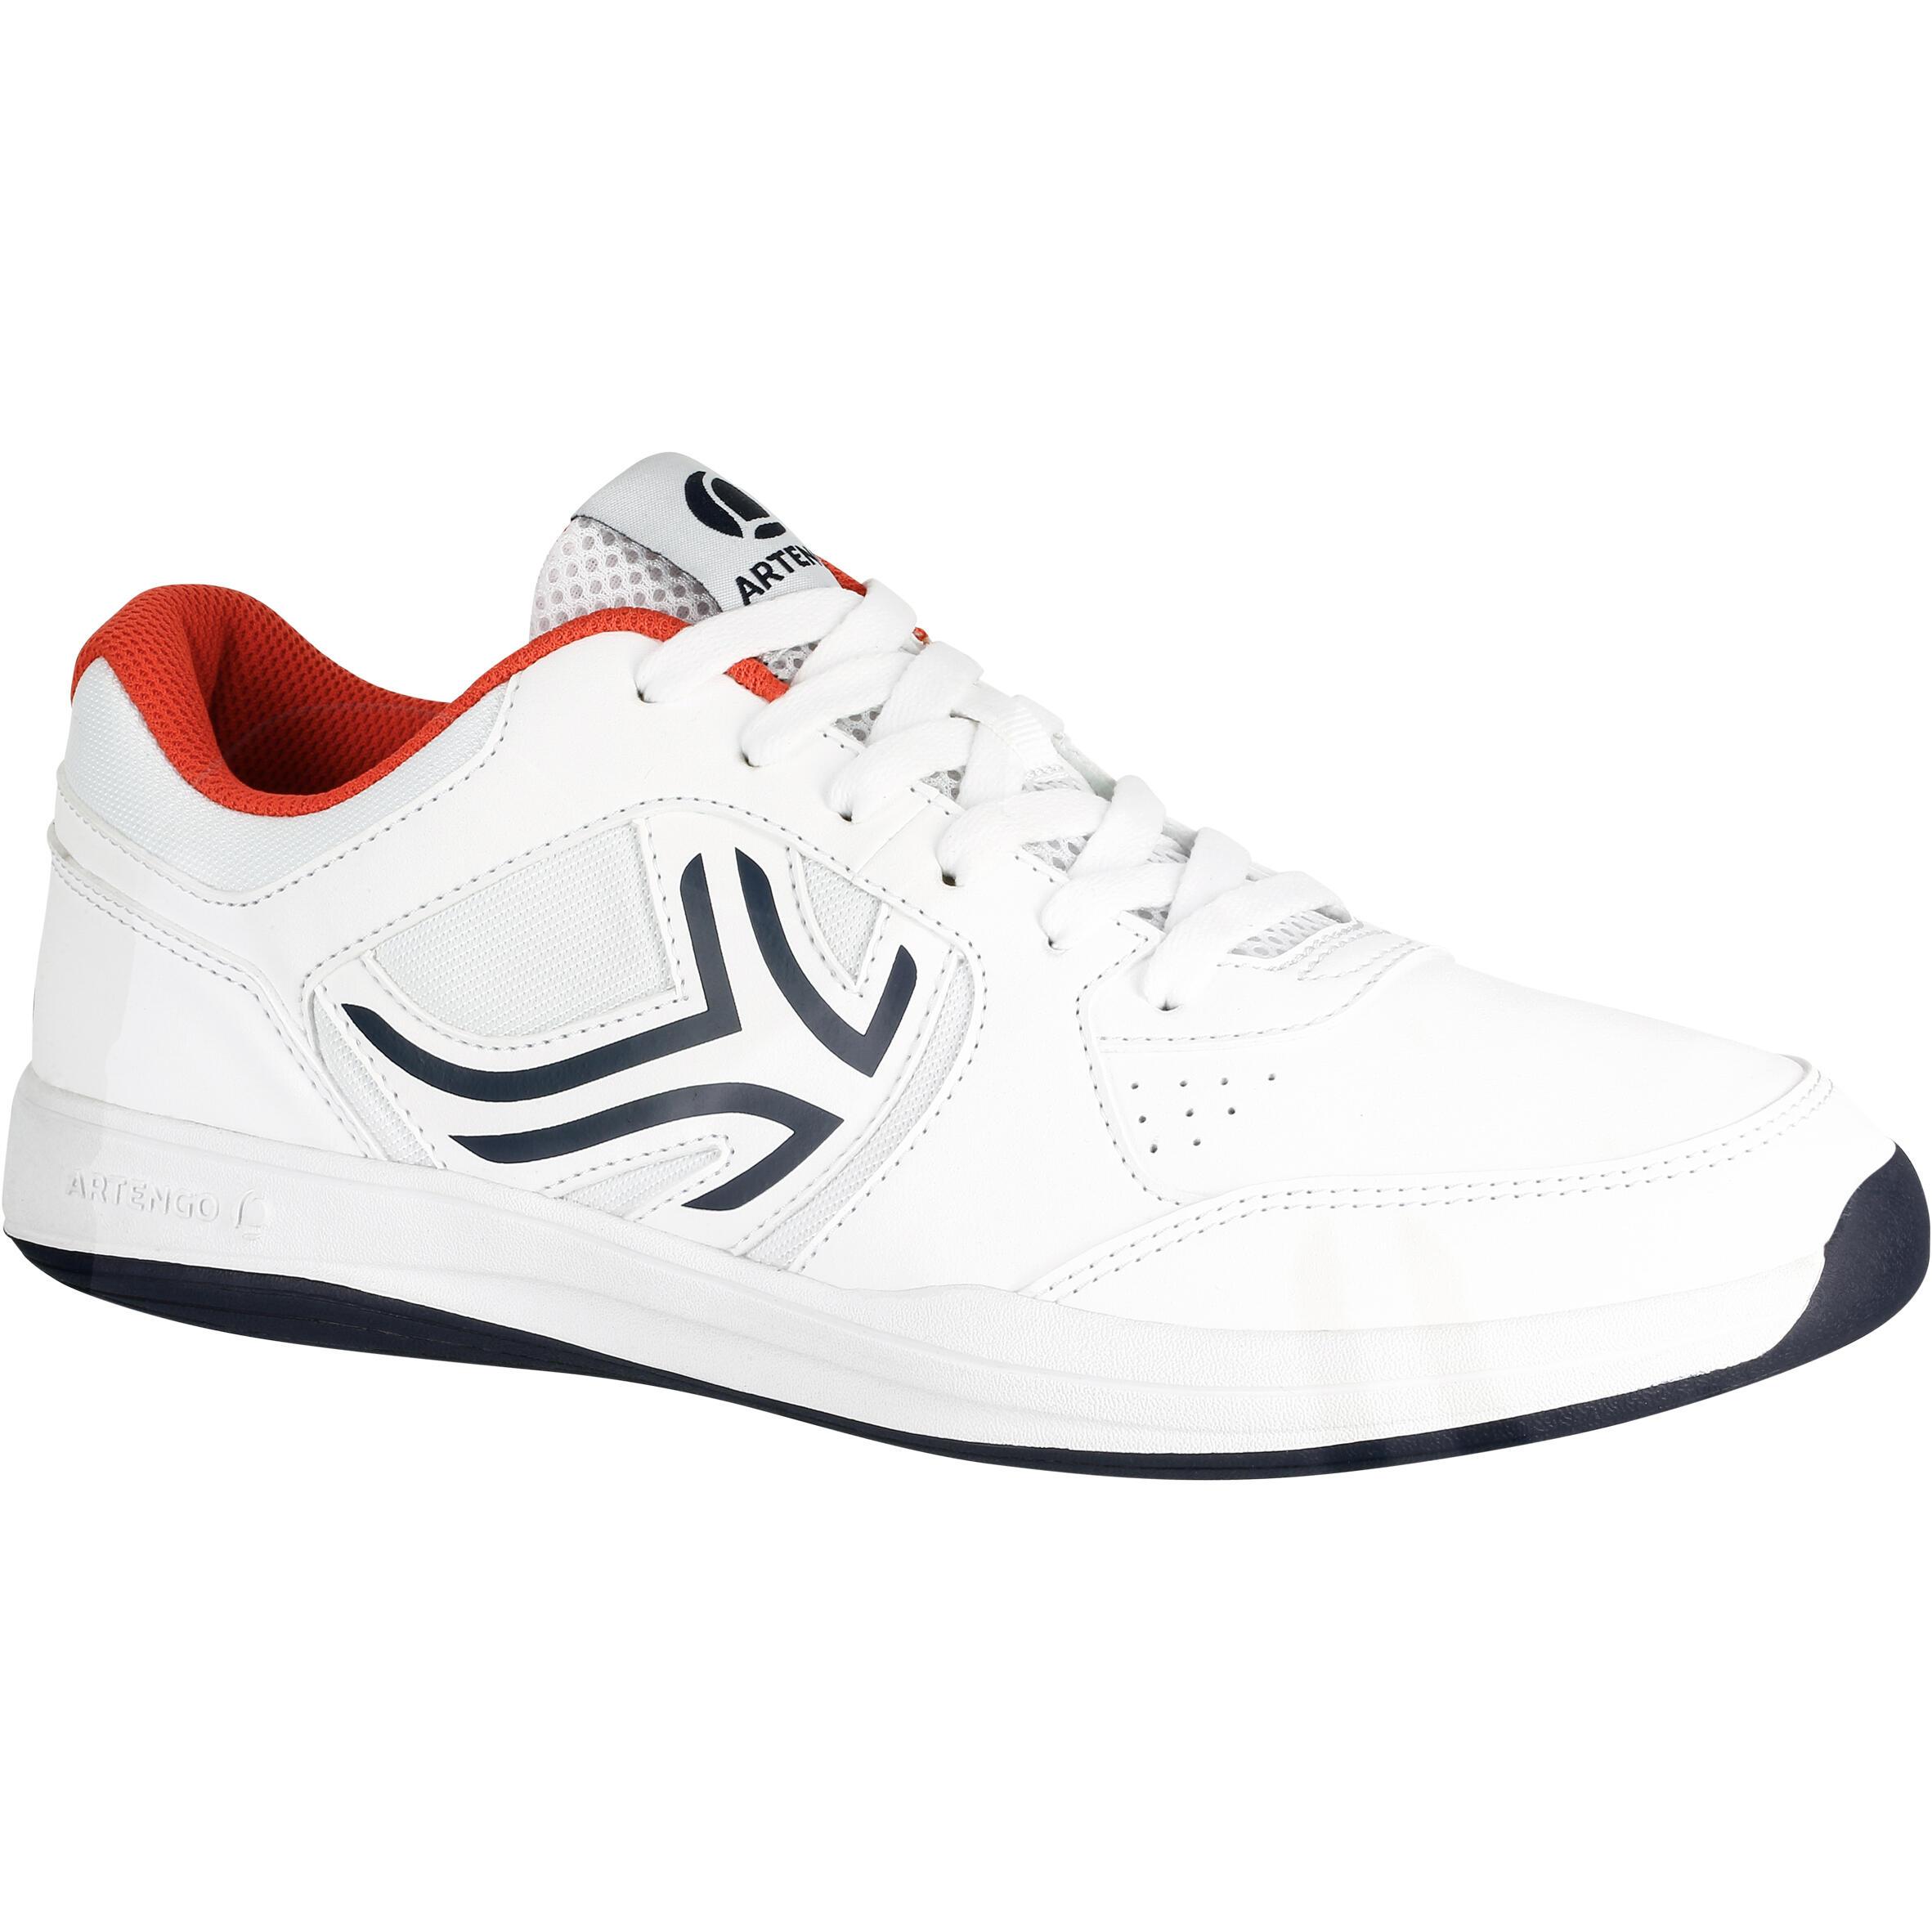 Calzado de tenis TS130 Hombre BLANCO